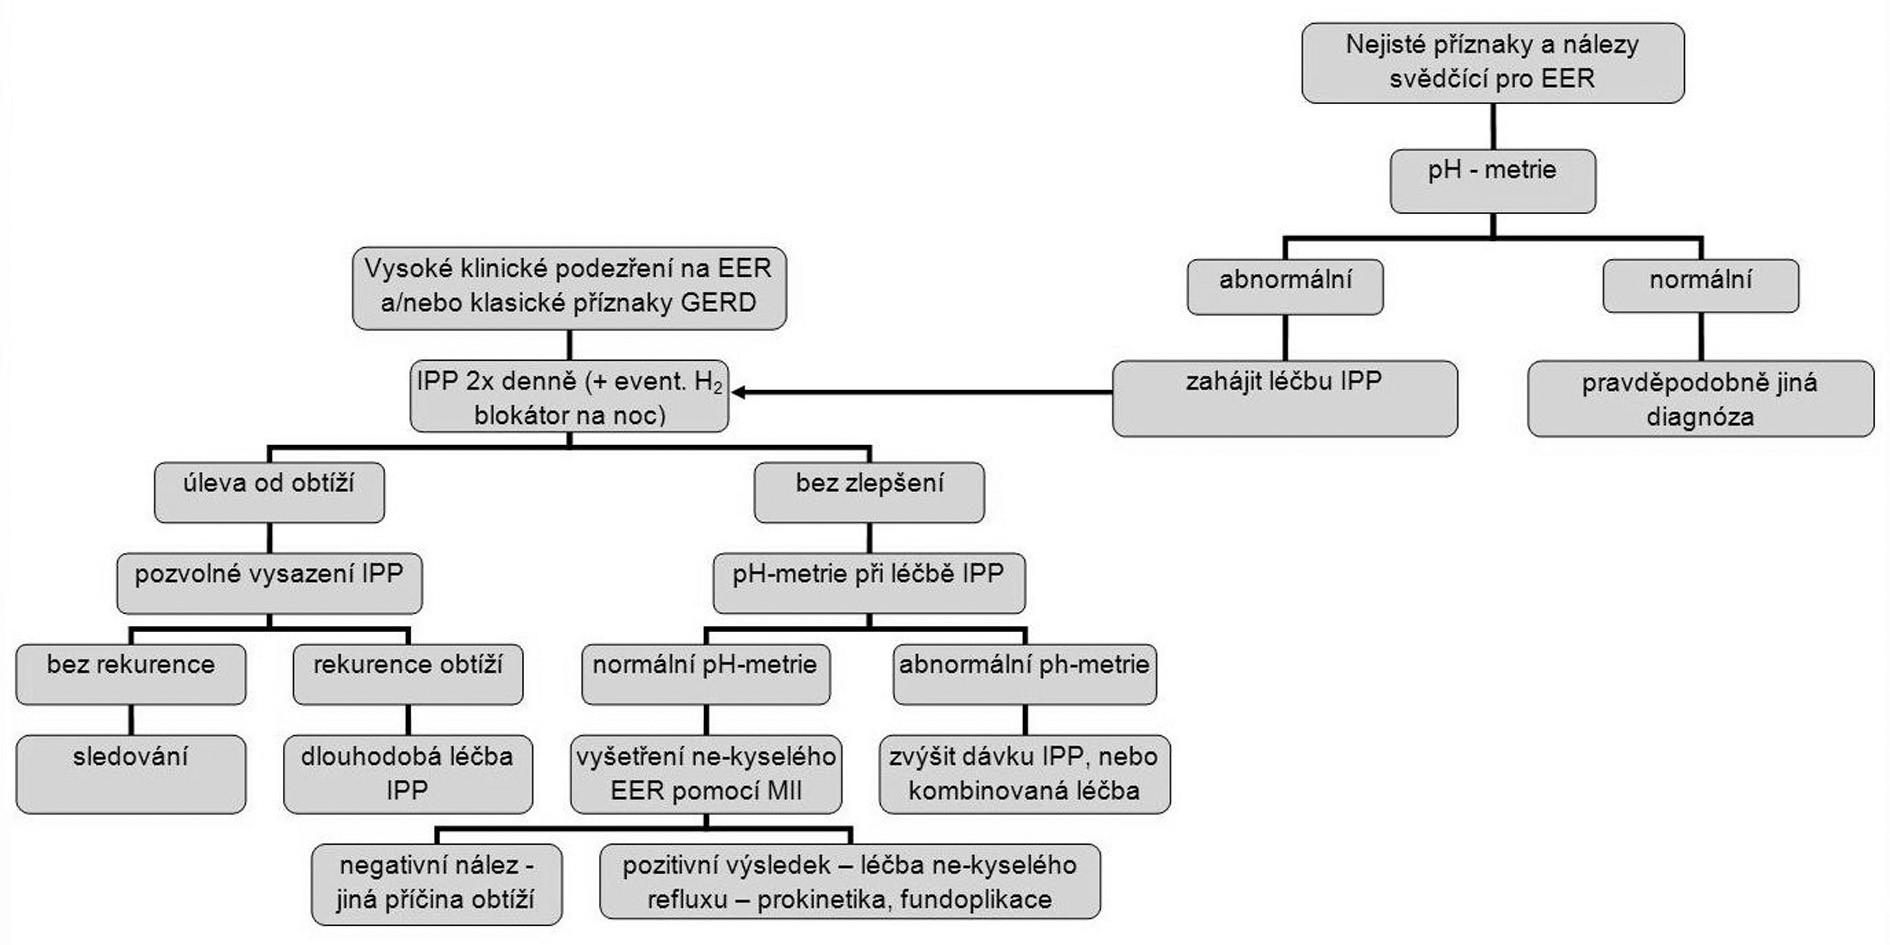 Algoritmus pro diagnostiku a léčbu obtíží spojených s EER (EER–extraezofageální reflux, GERD–refluxní nemoc jícnu, IPP–inhibitor protonové pumpy, MII–multichannel intraluminal impedance-monitorování nitrojicnové impendance).